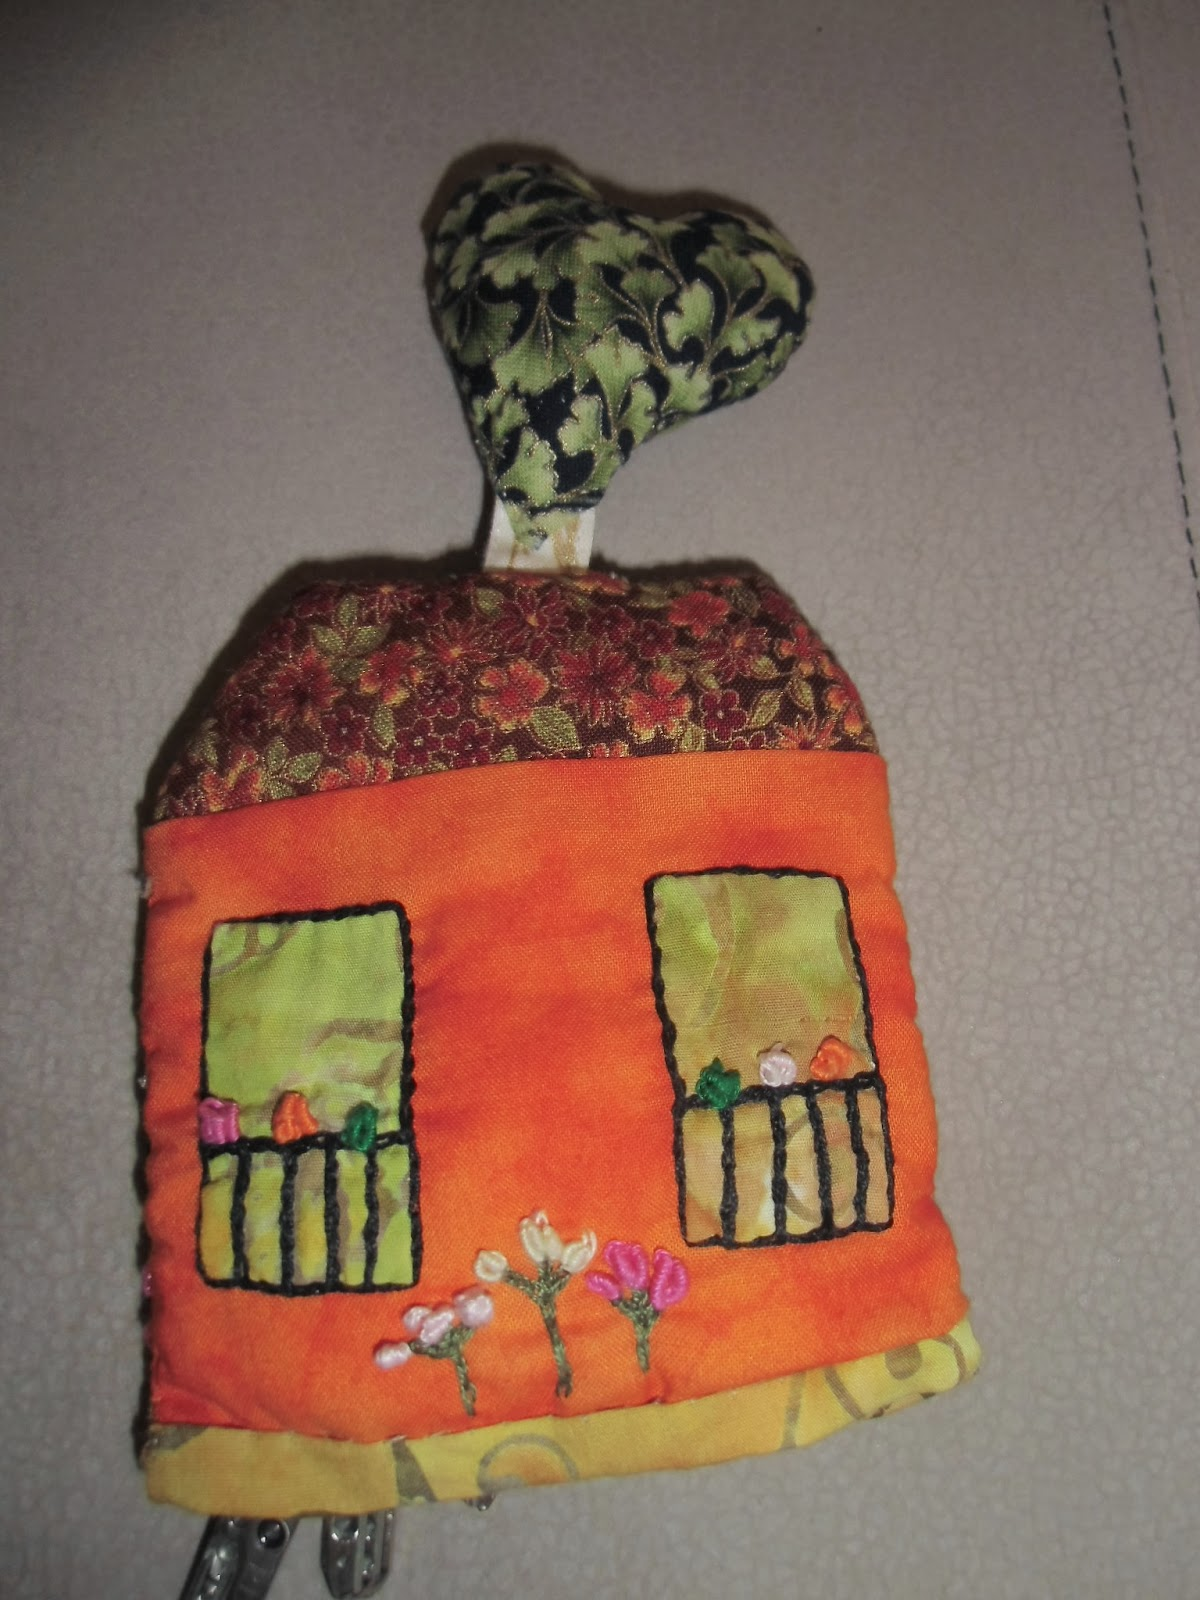 Labores y patchwork llavero casita patchwork - La casita del patchwork ...